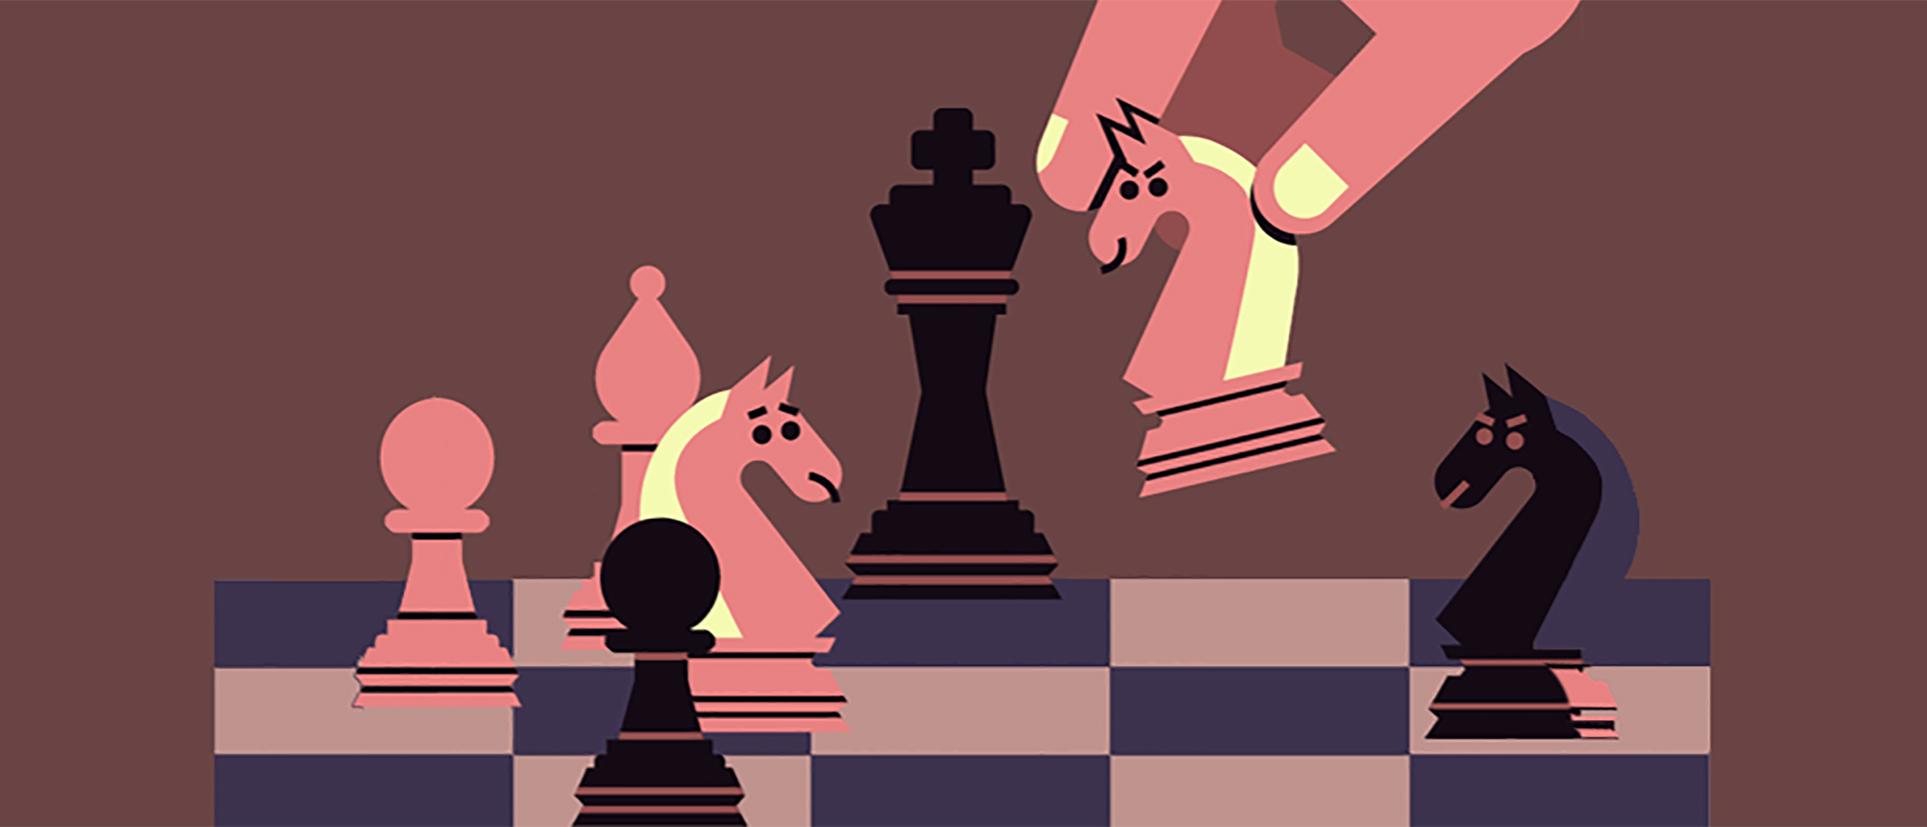 استراتژی اینستاگرامتان را مانند یک شطرنجباز حرفهای بچینید!